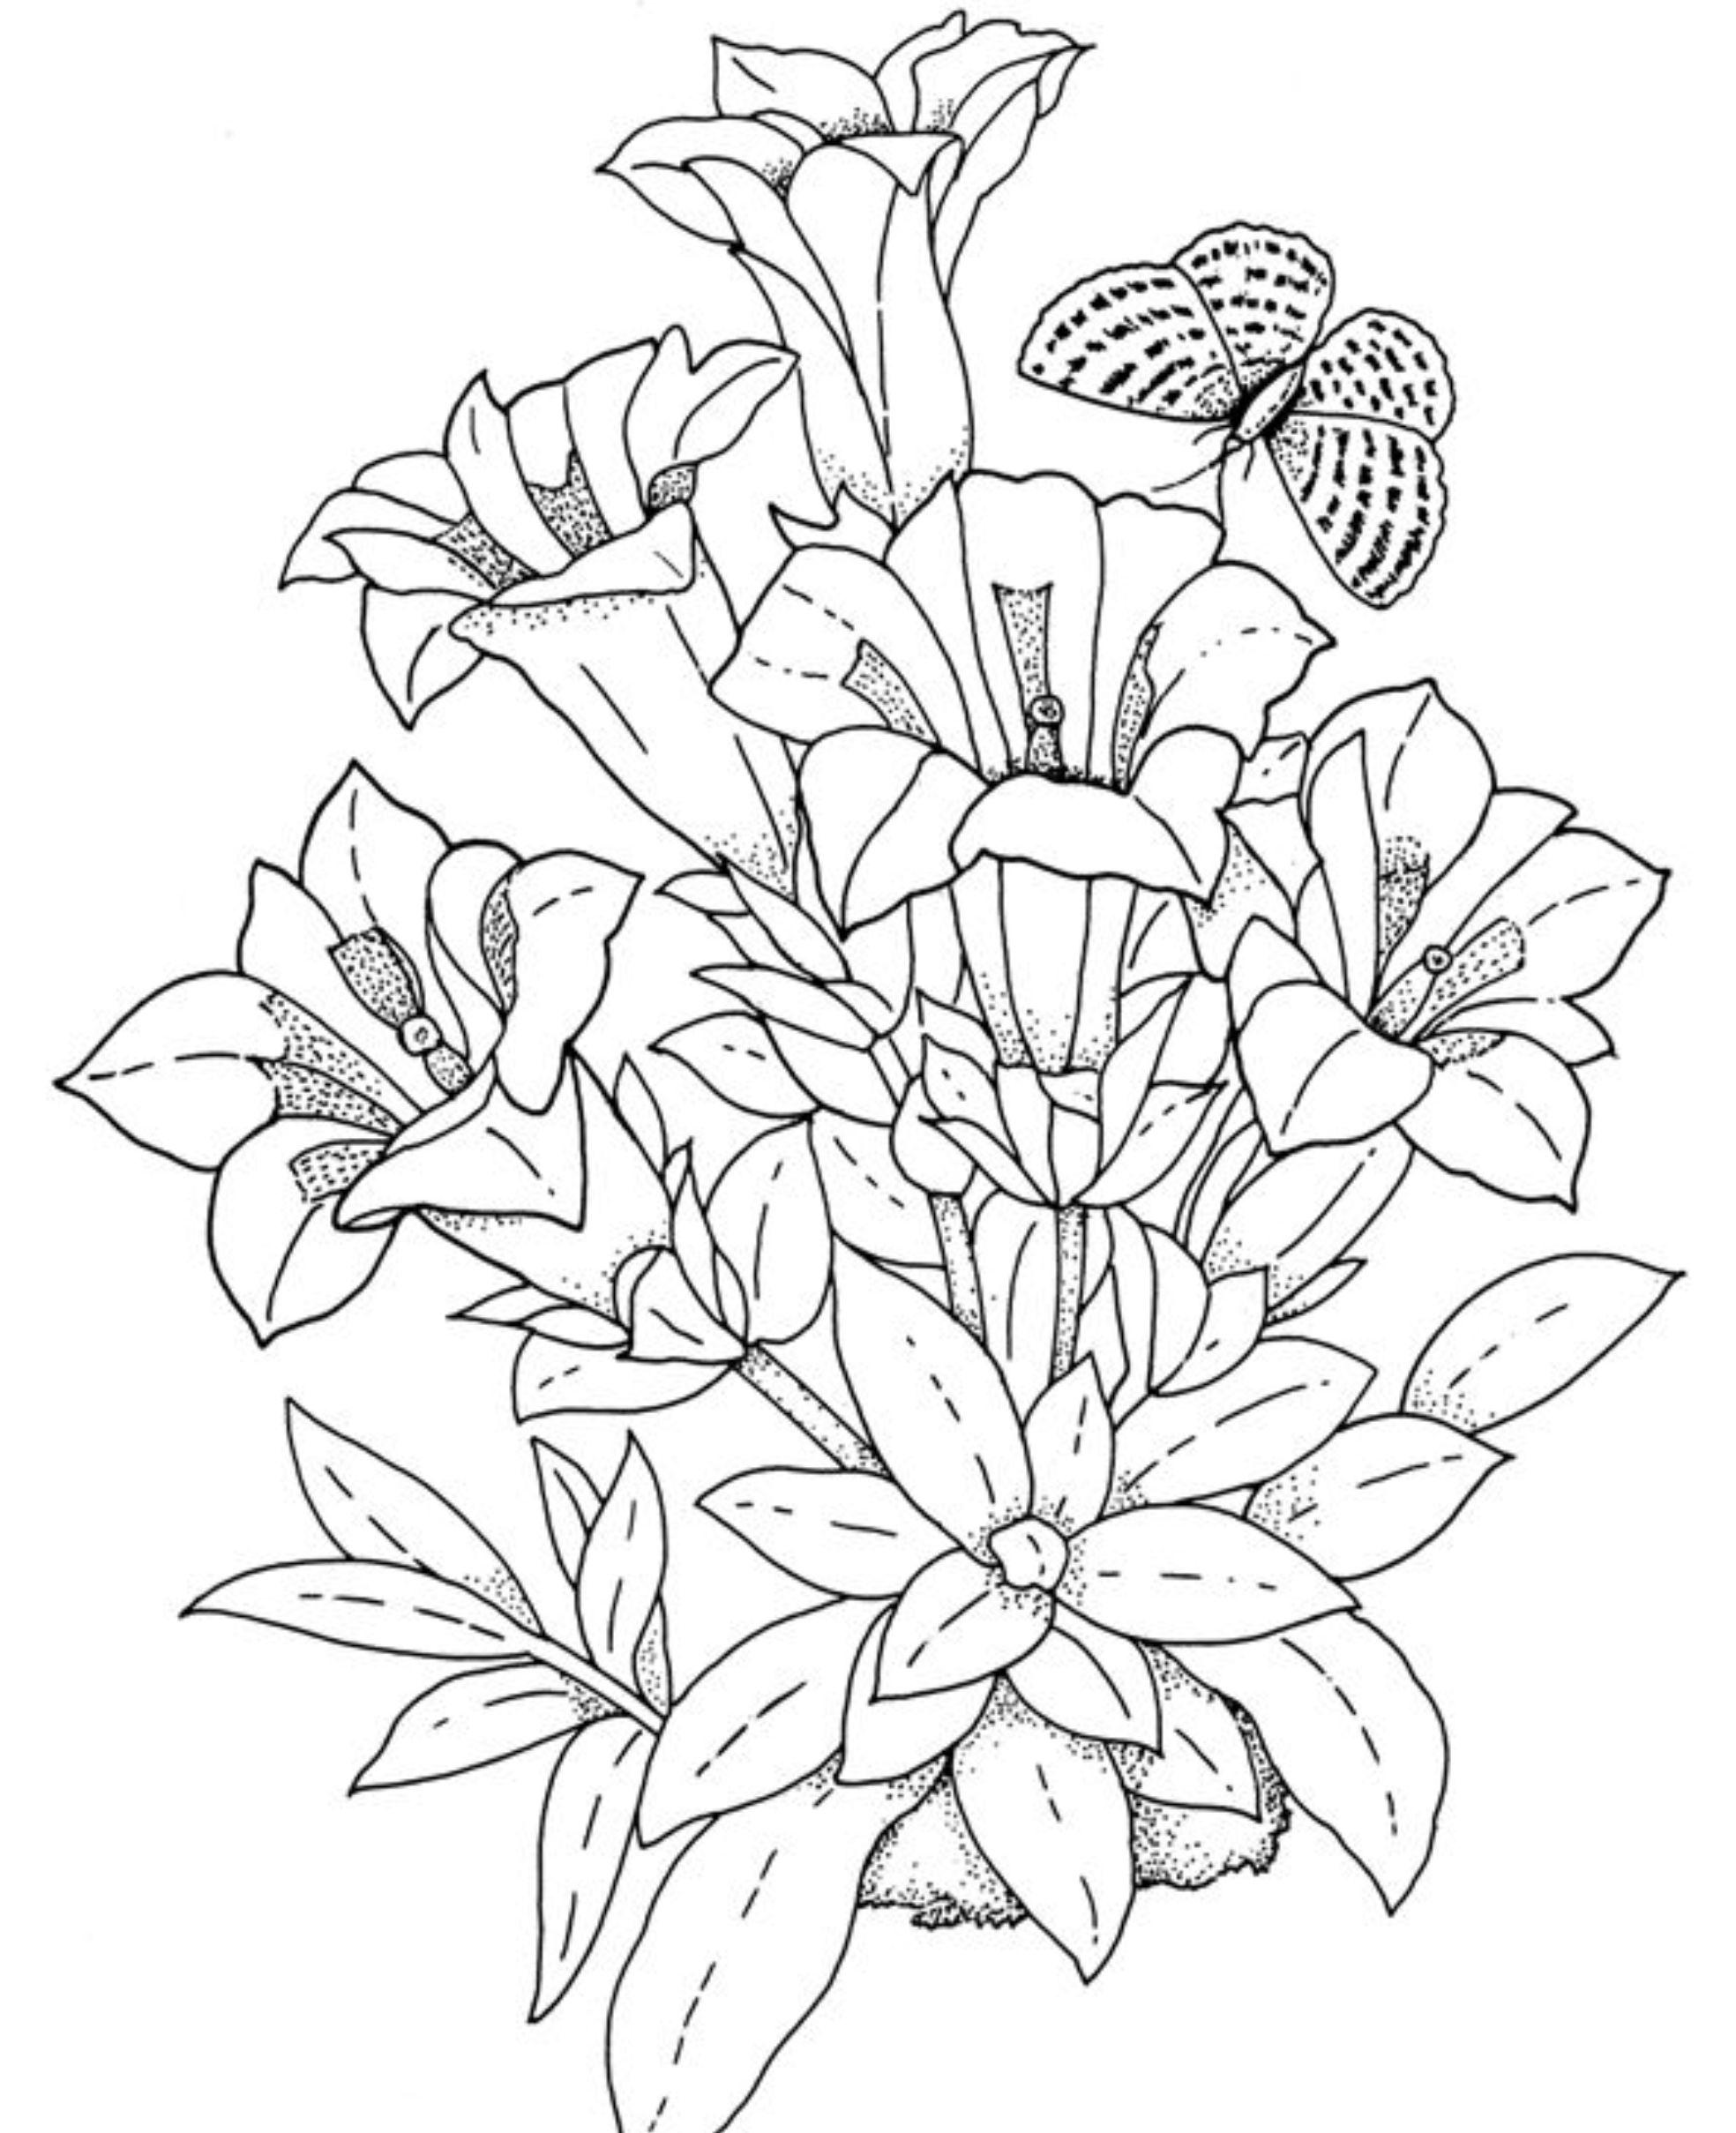 Бабочка над колокольчиками Раскраски антистресс в хорошем качестве